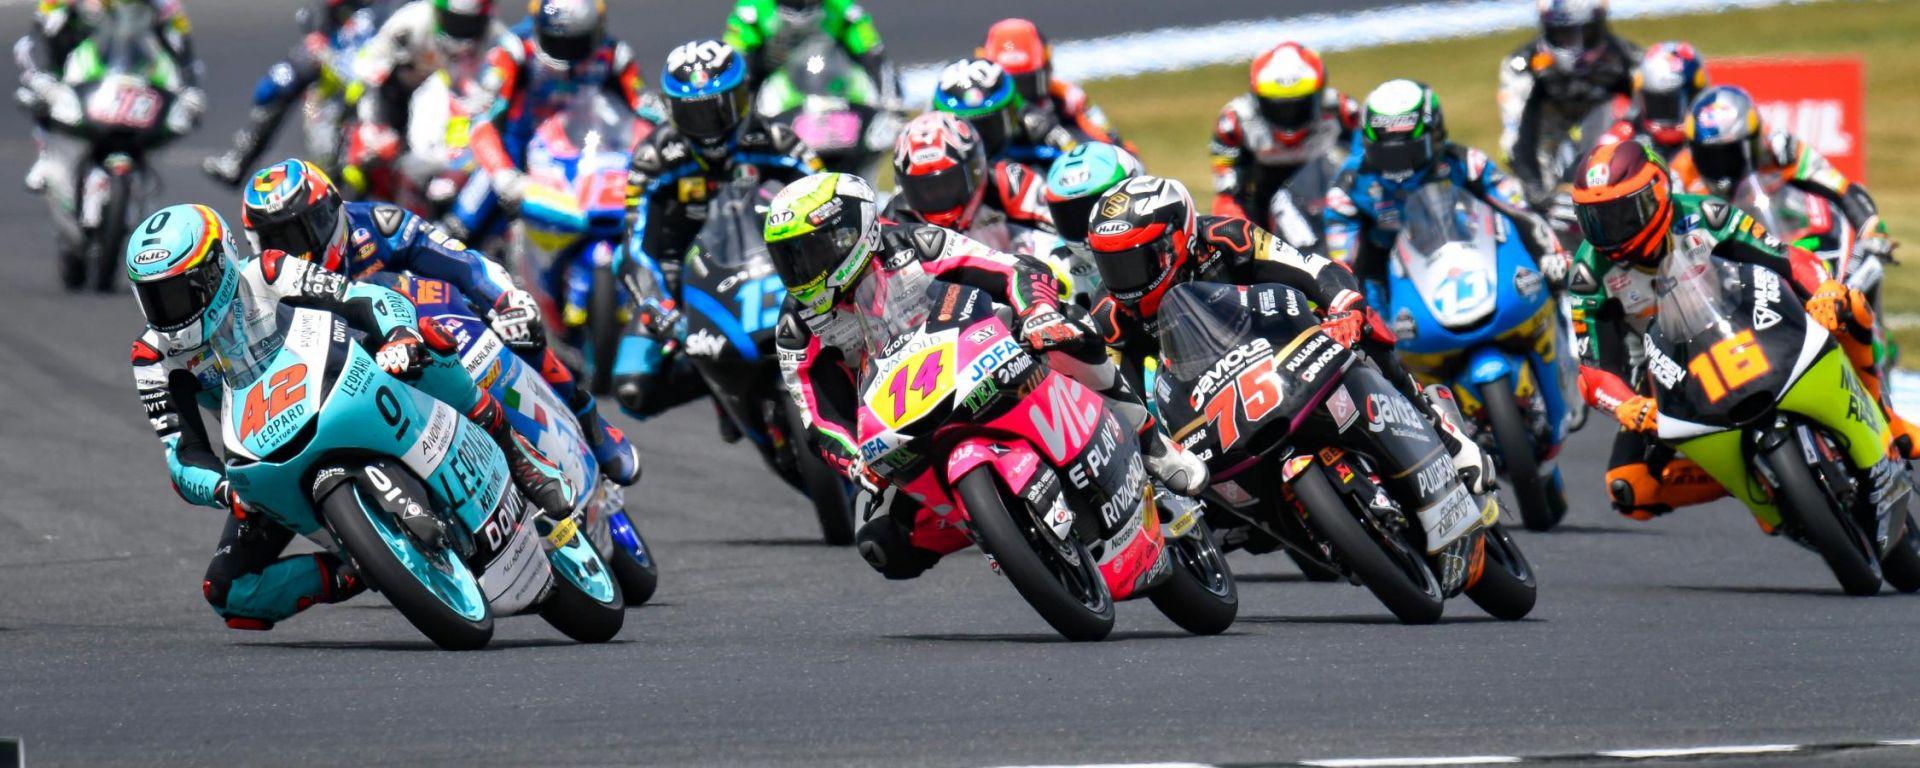 Moto3, GP Australia 2019, Phillip Island: la partenza